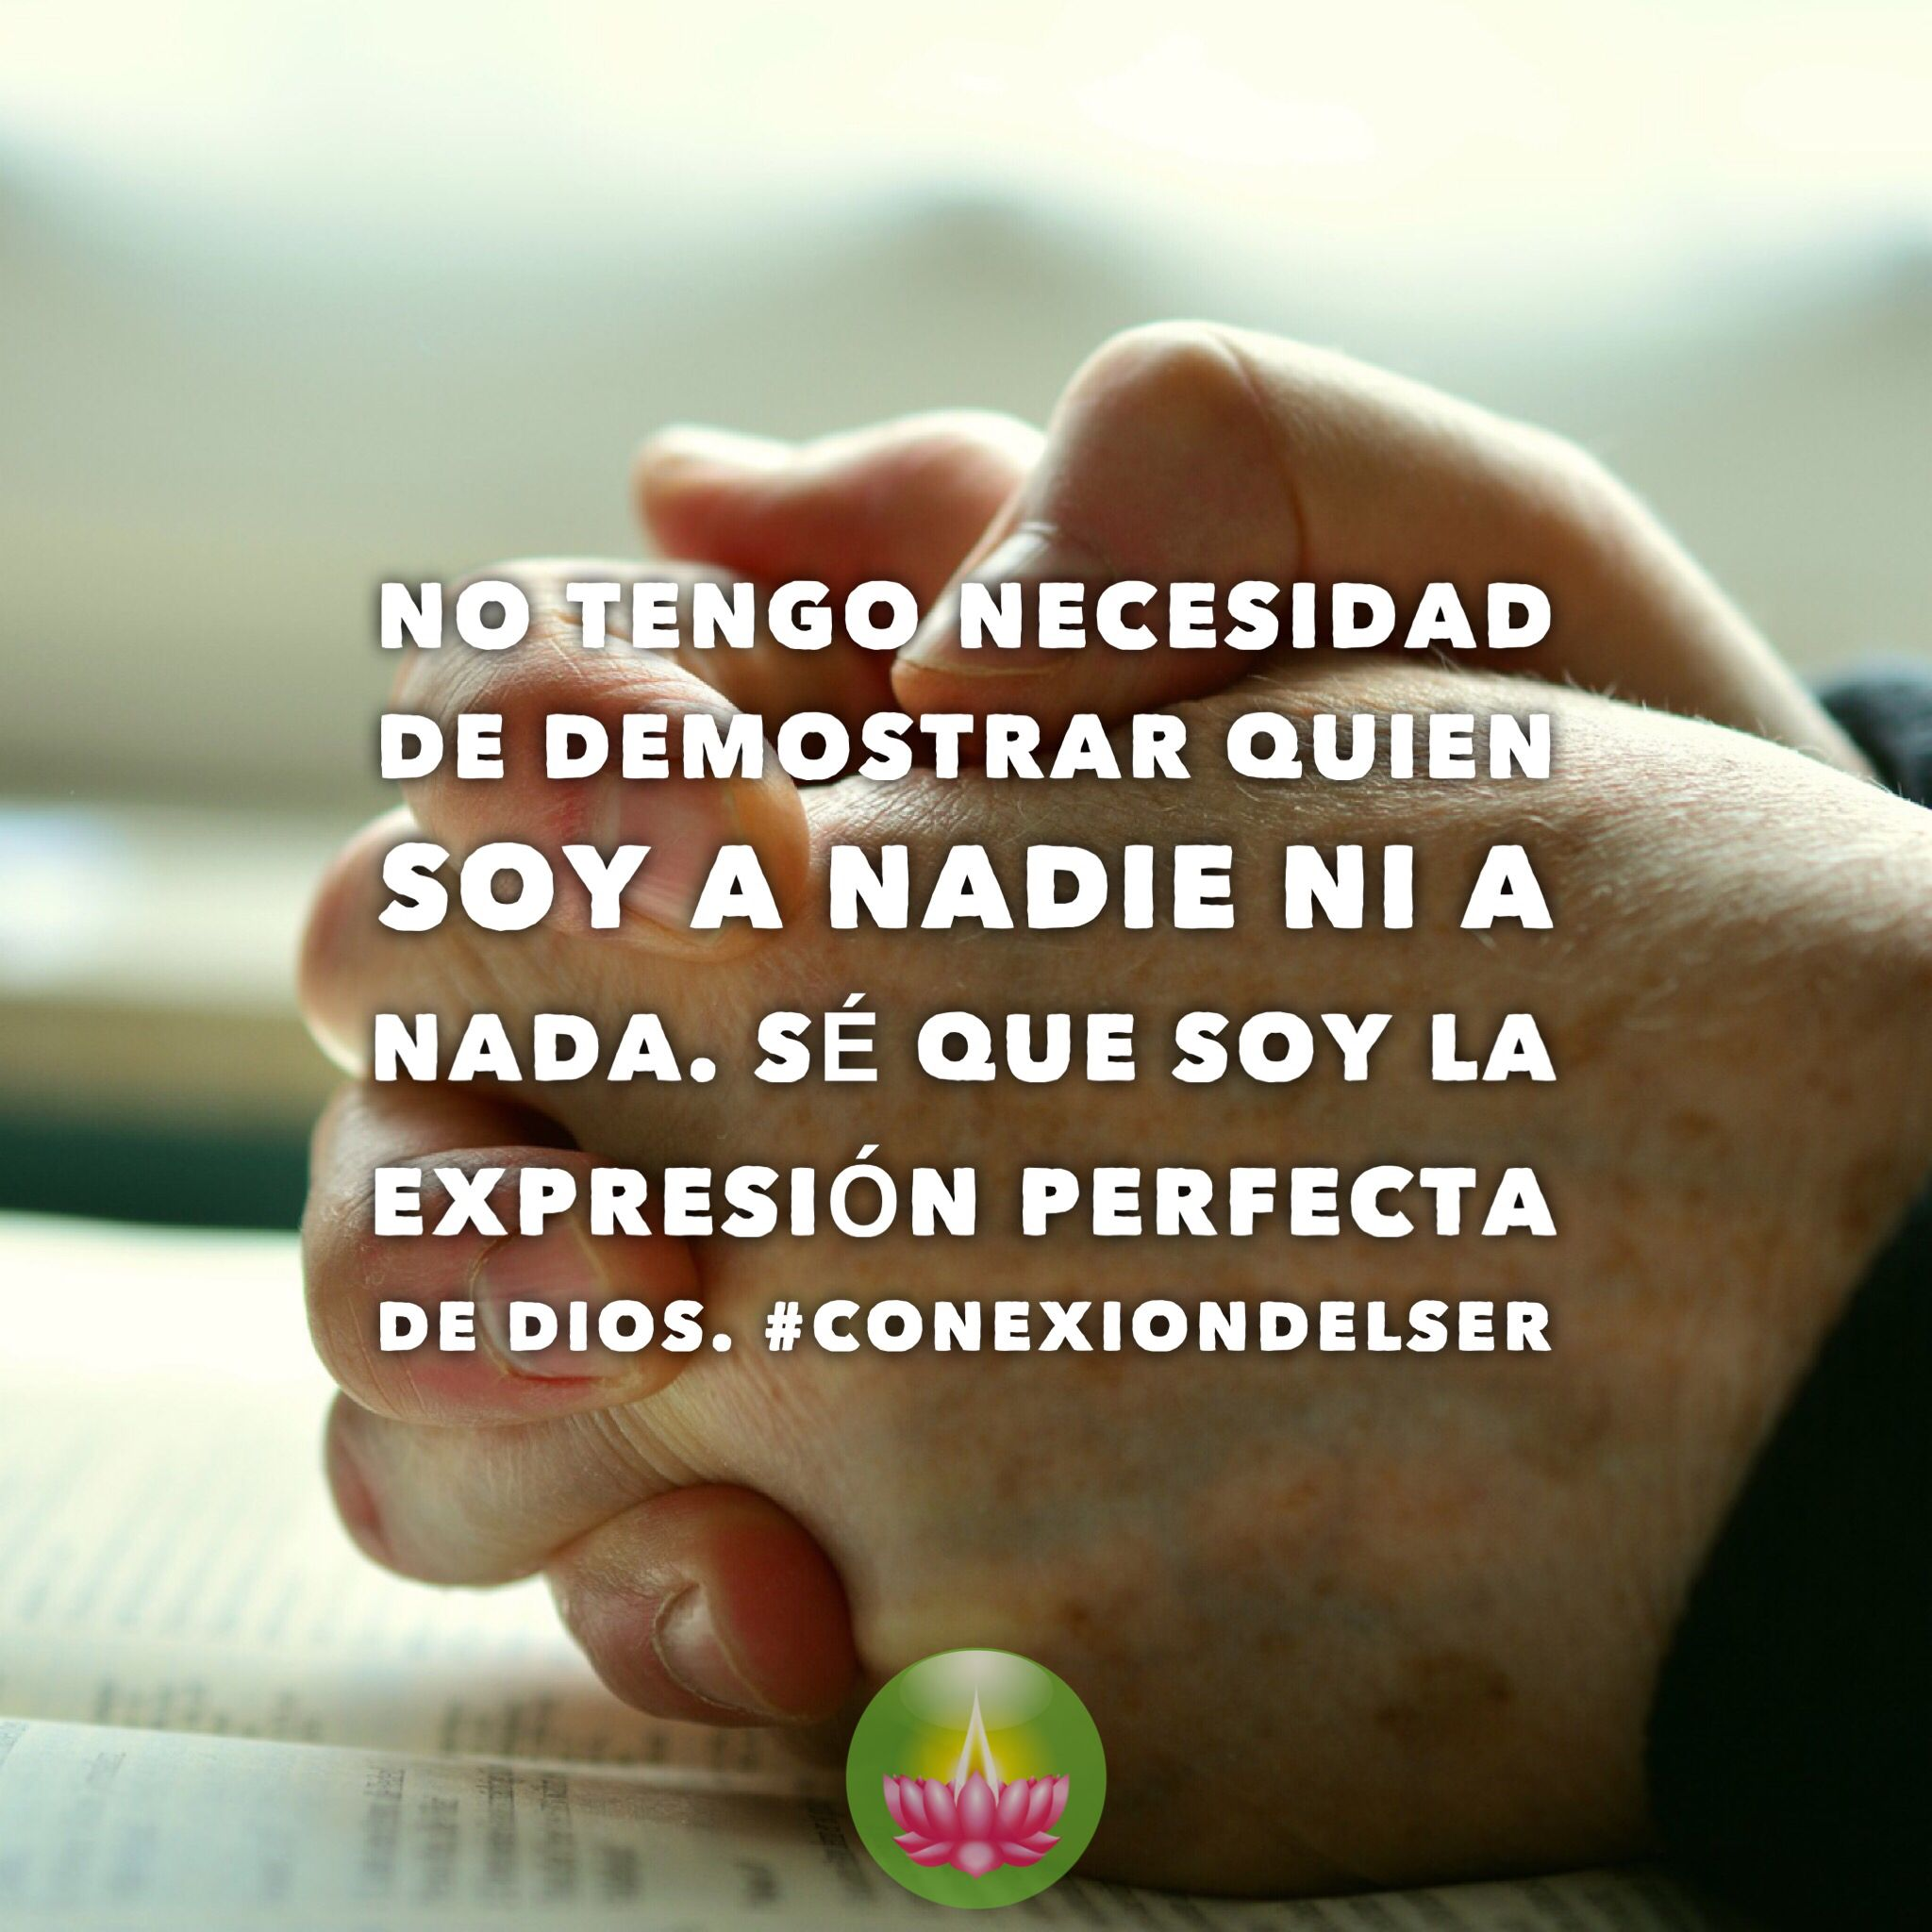 No Tengo Necesidad De Demostrar Quien Soy A Nadie Ni A Nada Sé Que Soy La Expresión Perfecta De Dios Conexiondelser Afirmaciones Afirmaciones Dios Perfecta